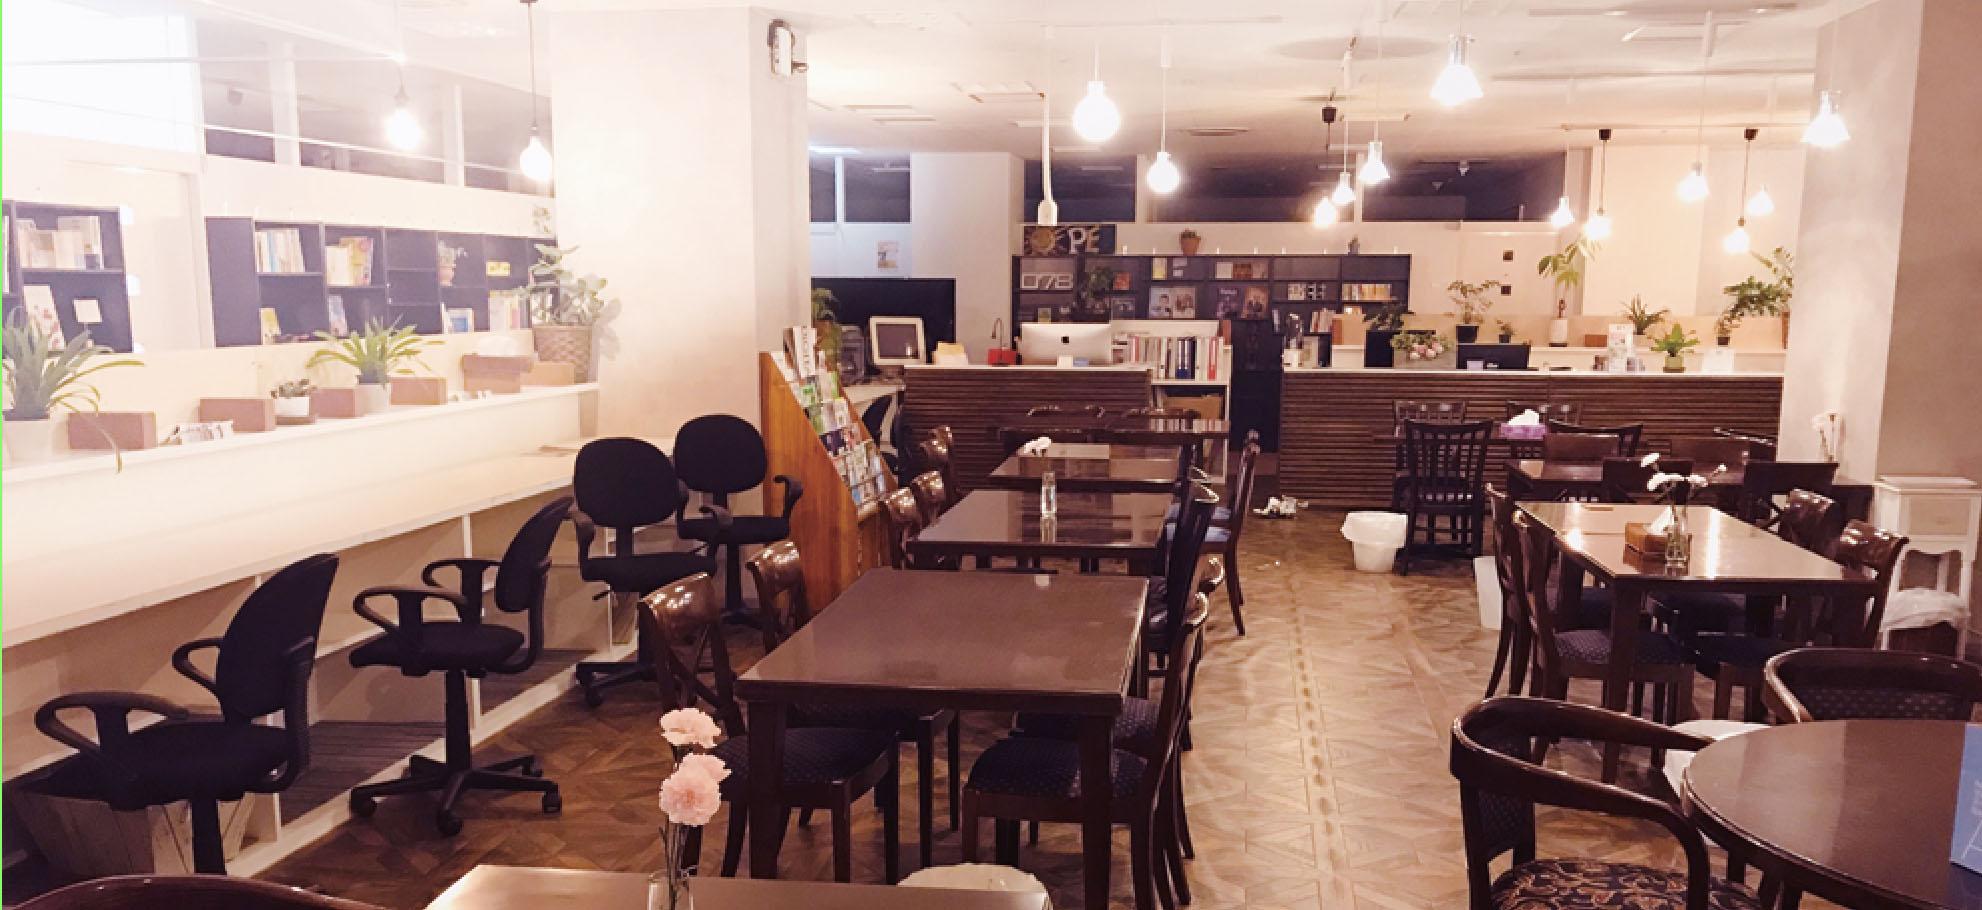 新神戸・三宮のコワーキングスペース、レンタルスペース 貸し会議室